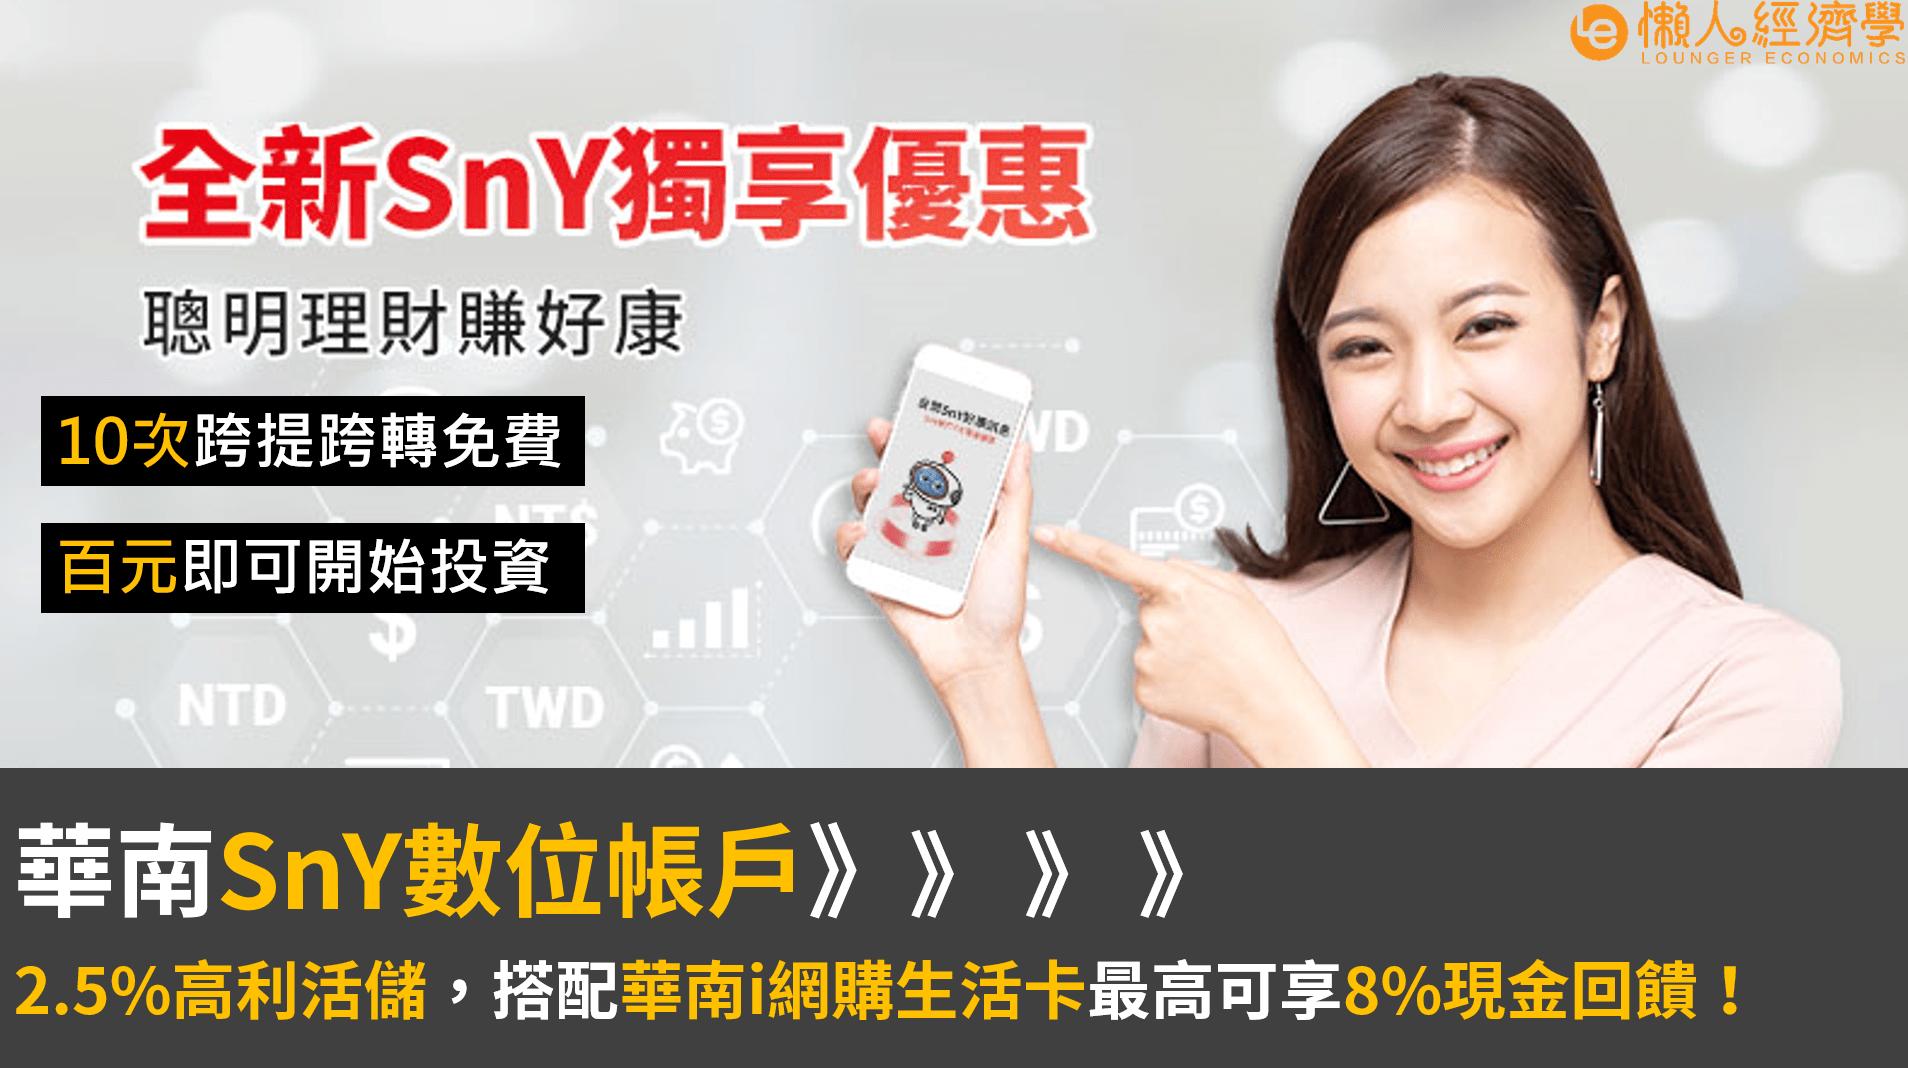 華南SnY 華南i網購生活卡 華南數位帳戶 華南銀行數位帳戶 網購信用卡